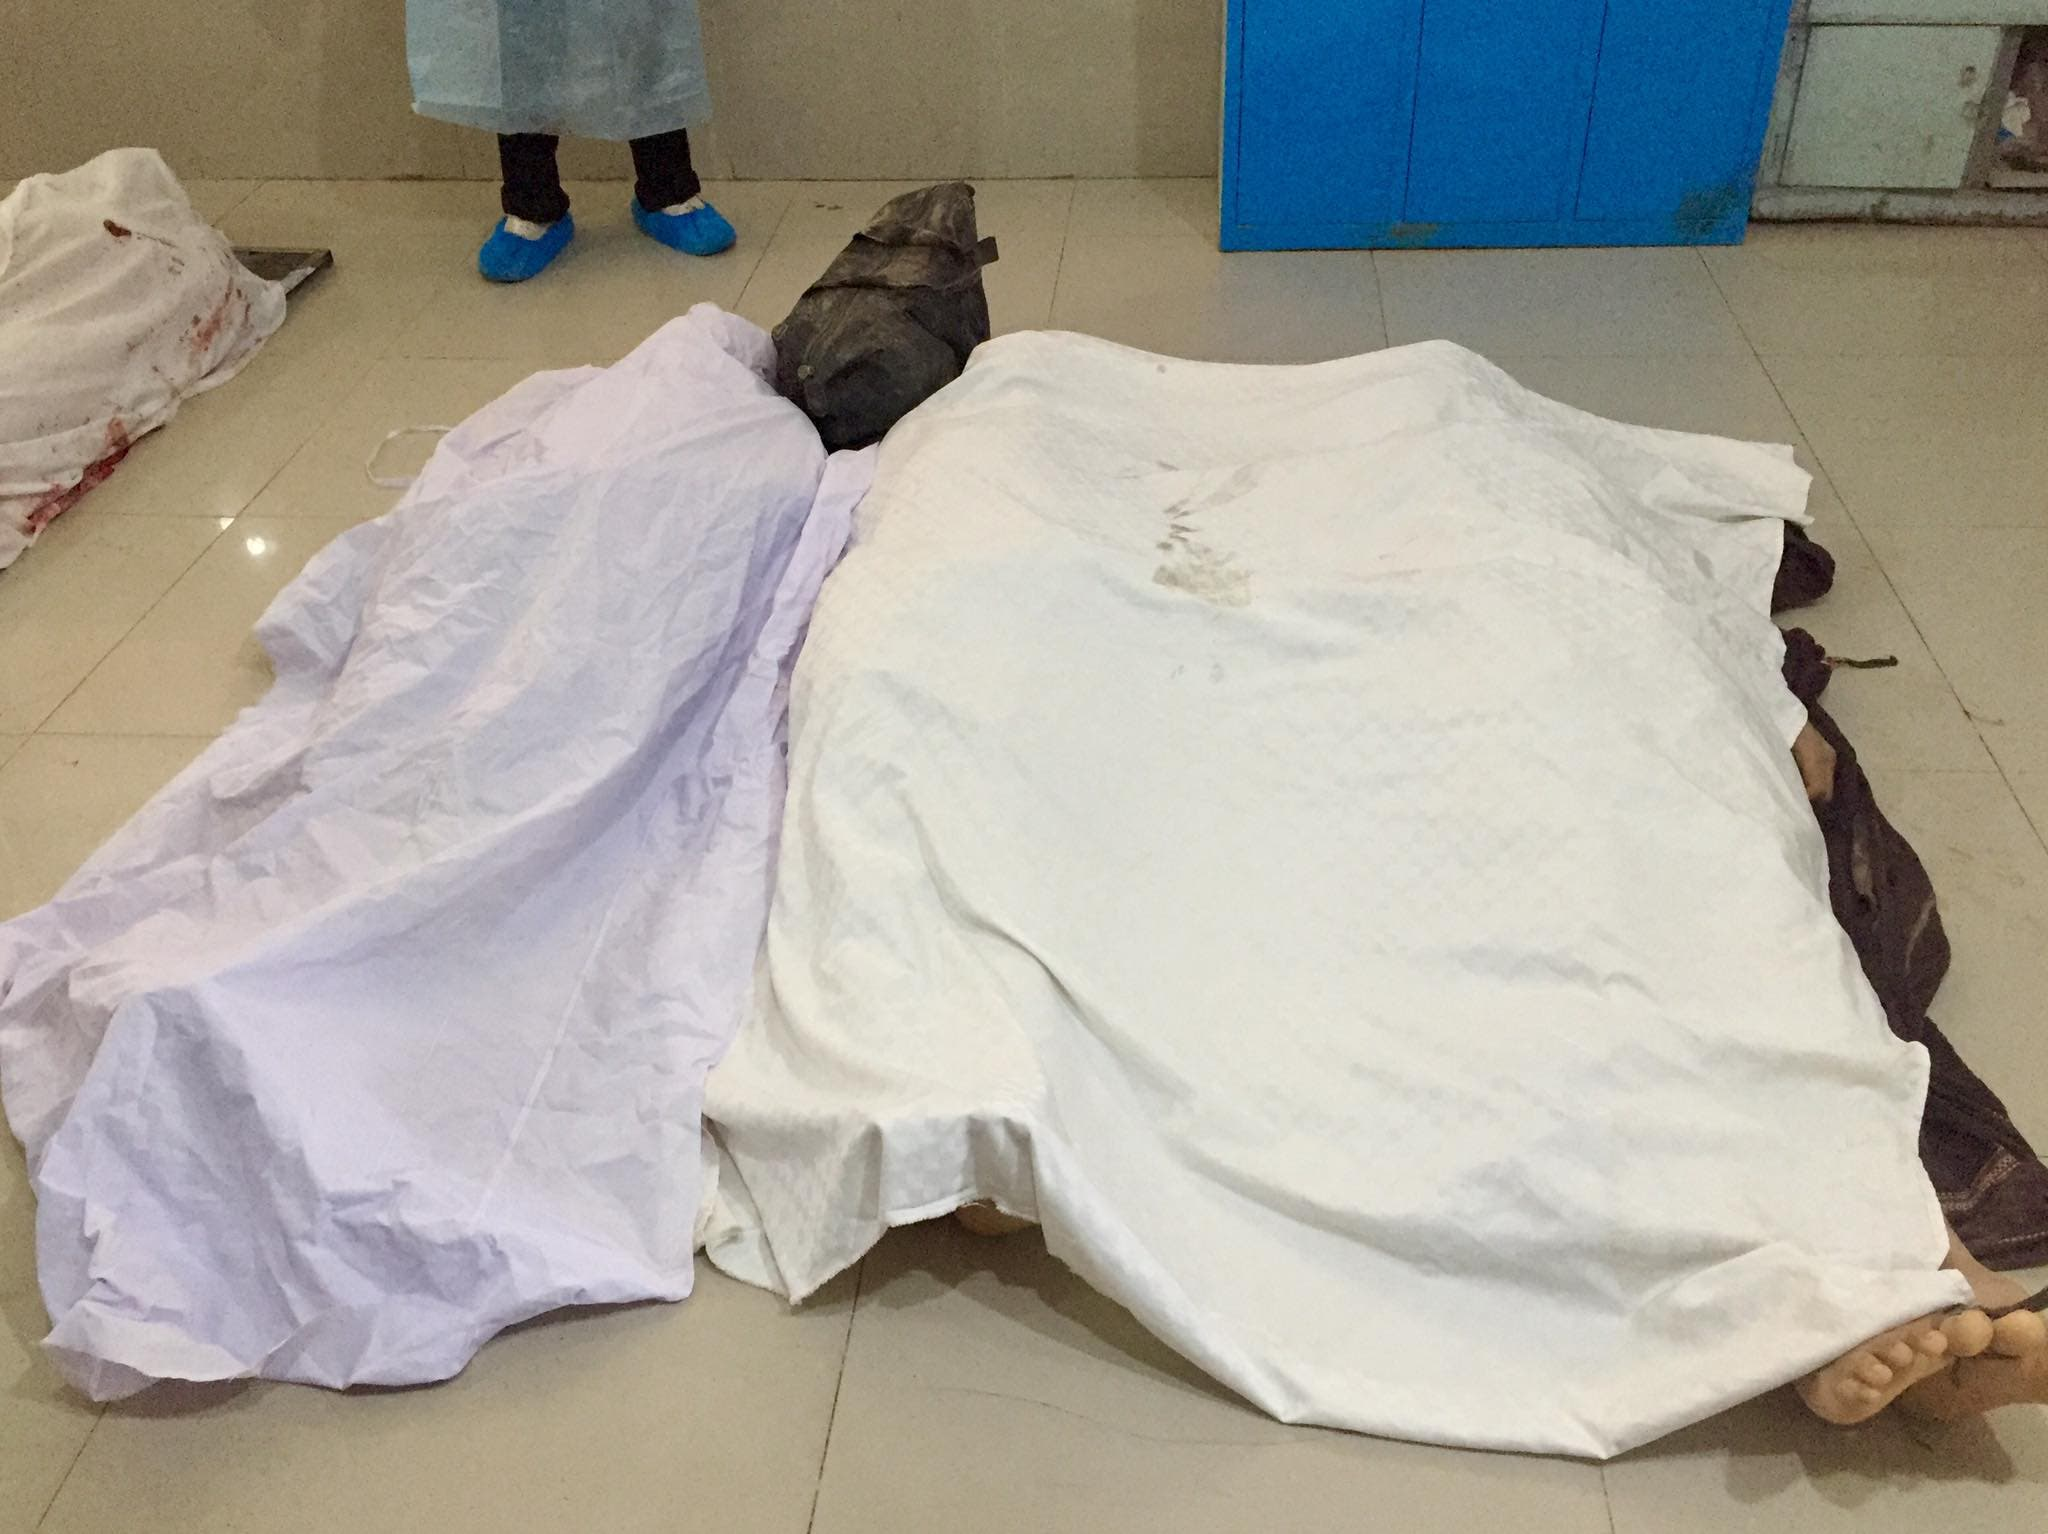 جسد کارگران افغان که از سوی مرزبانان ایرانی به دریا انداخته شدند